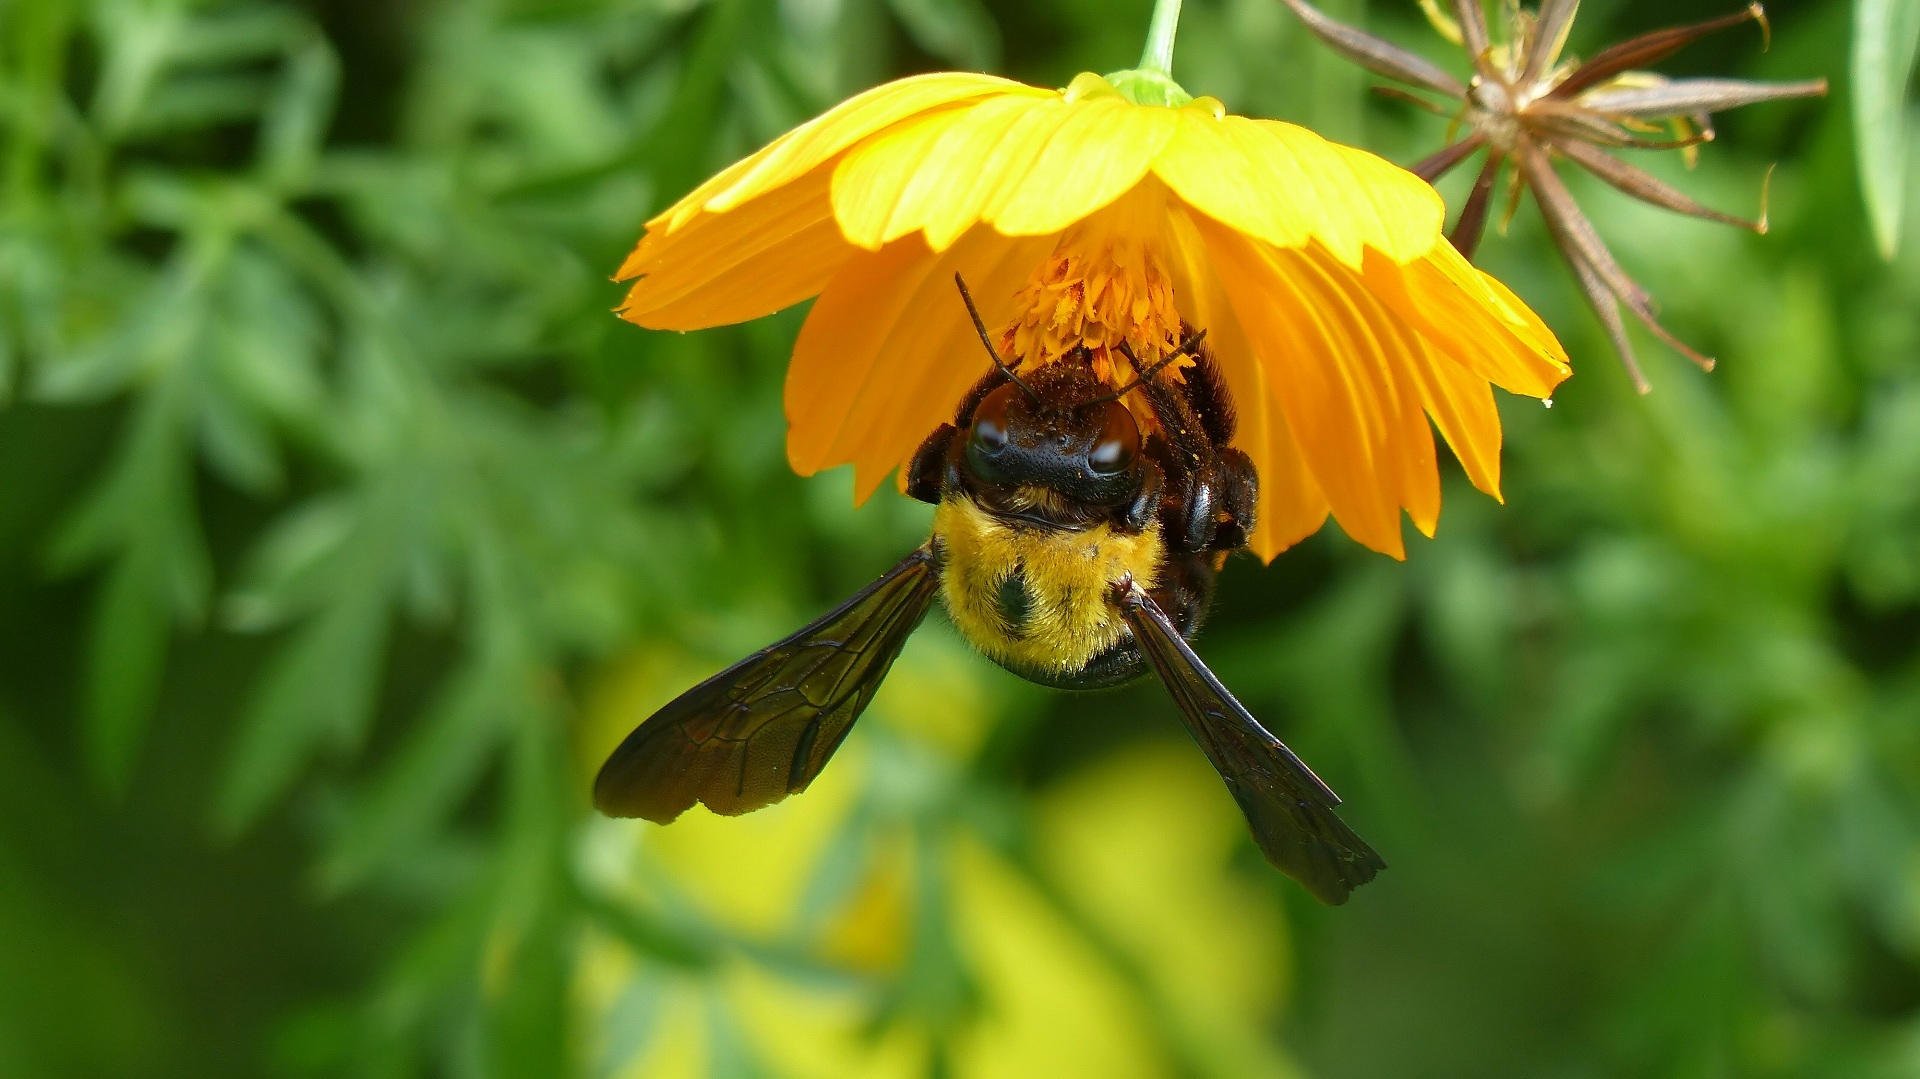 昆虫すごいぜ! クマバチ_a0185081_11155546.jpg